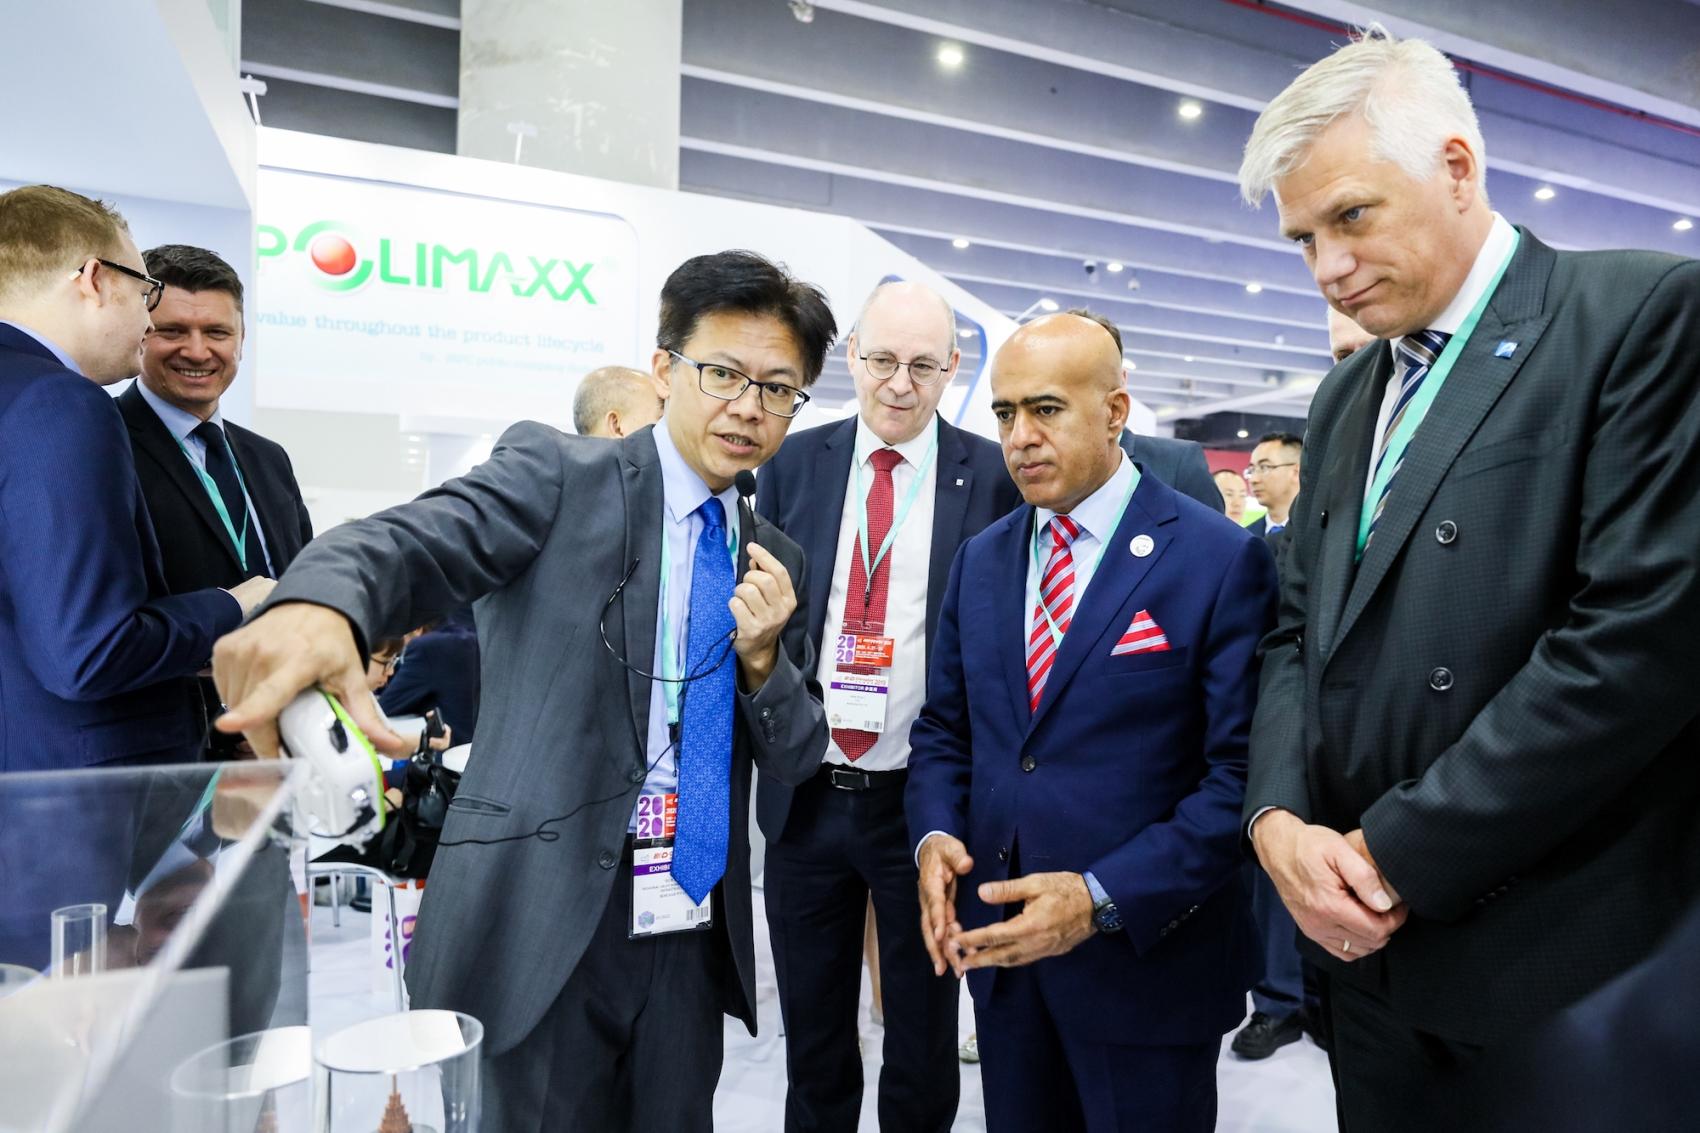 """""""بروج"""" تستعرض منتجاتها وخطط النمو المستقبلية في معرض صيني"""